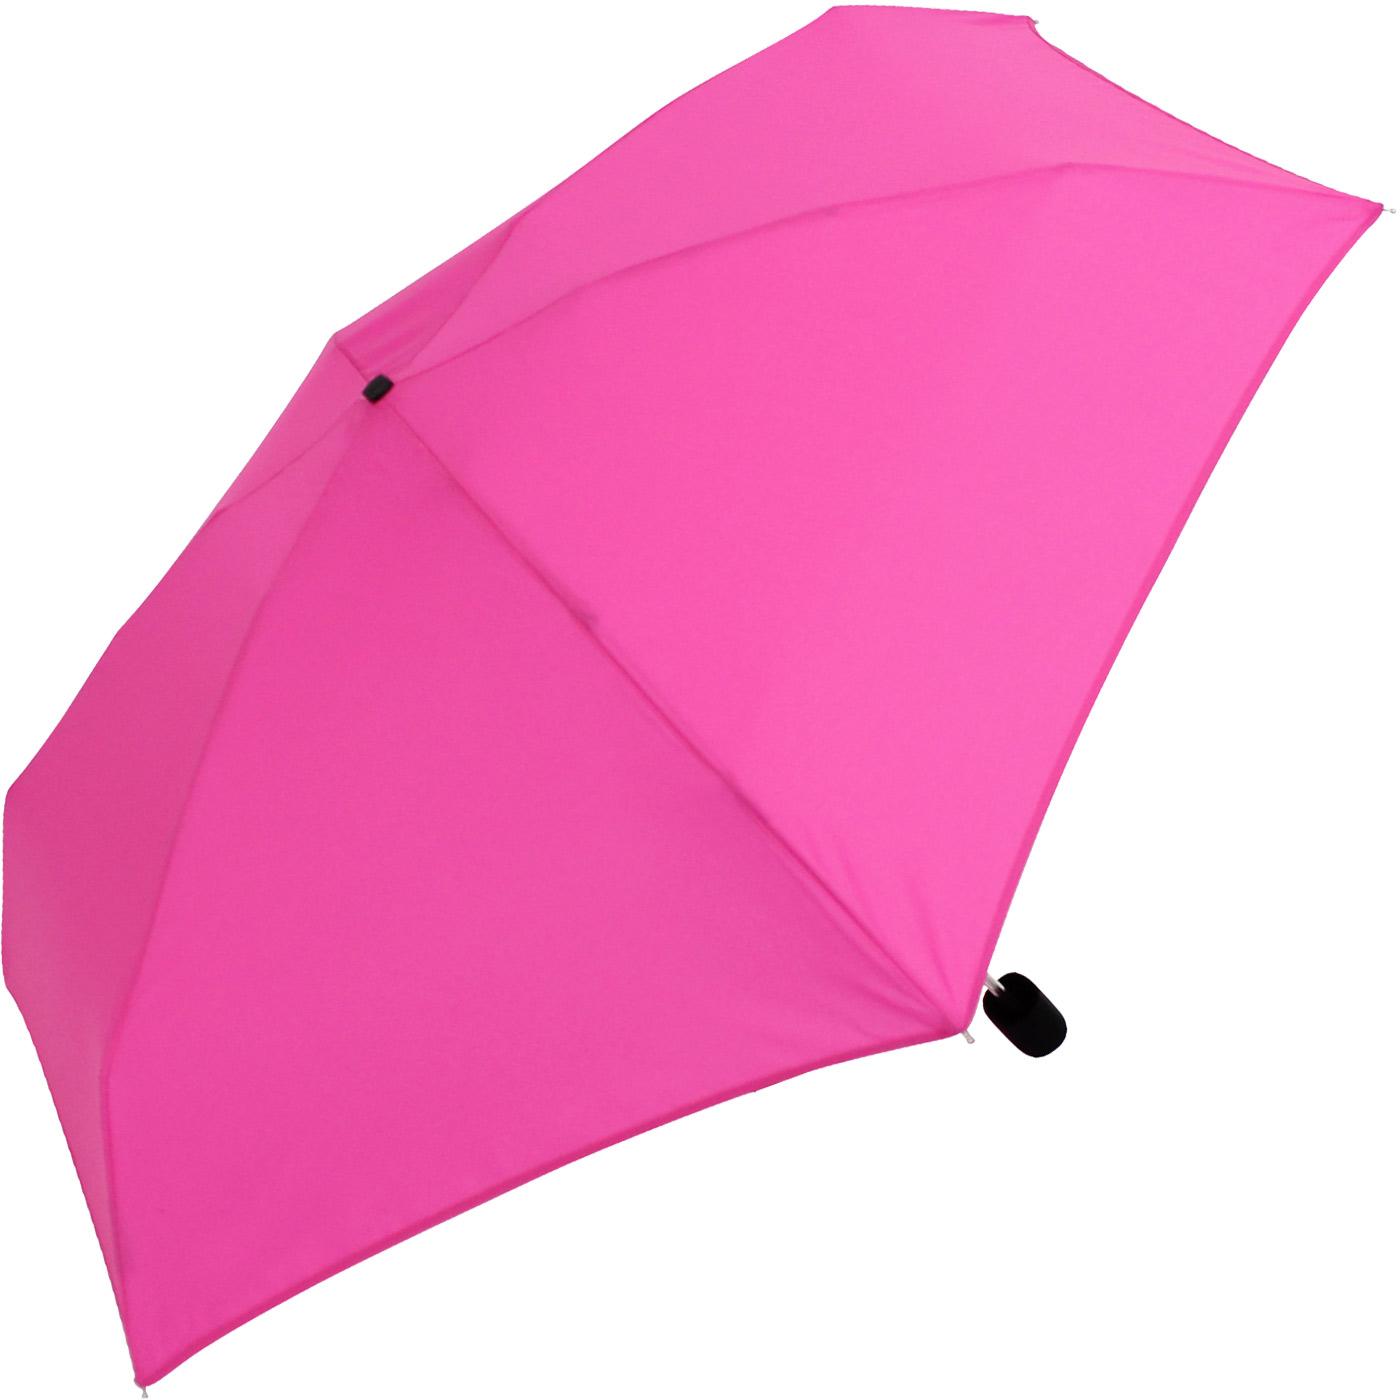 Regenschirm-Super-Mini-Taschenschirm-Damen-Herren-winzig-klein-leicht-im-Etui Indexbild 46